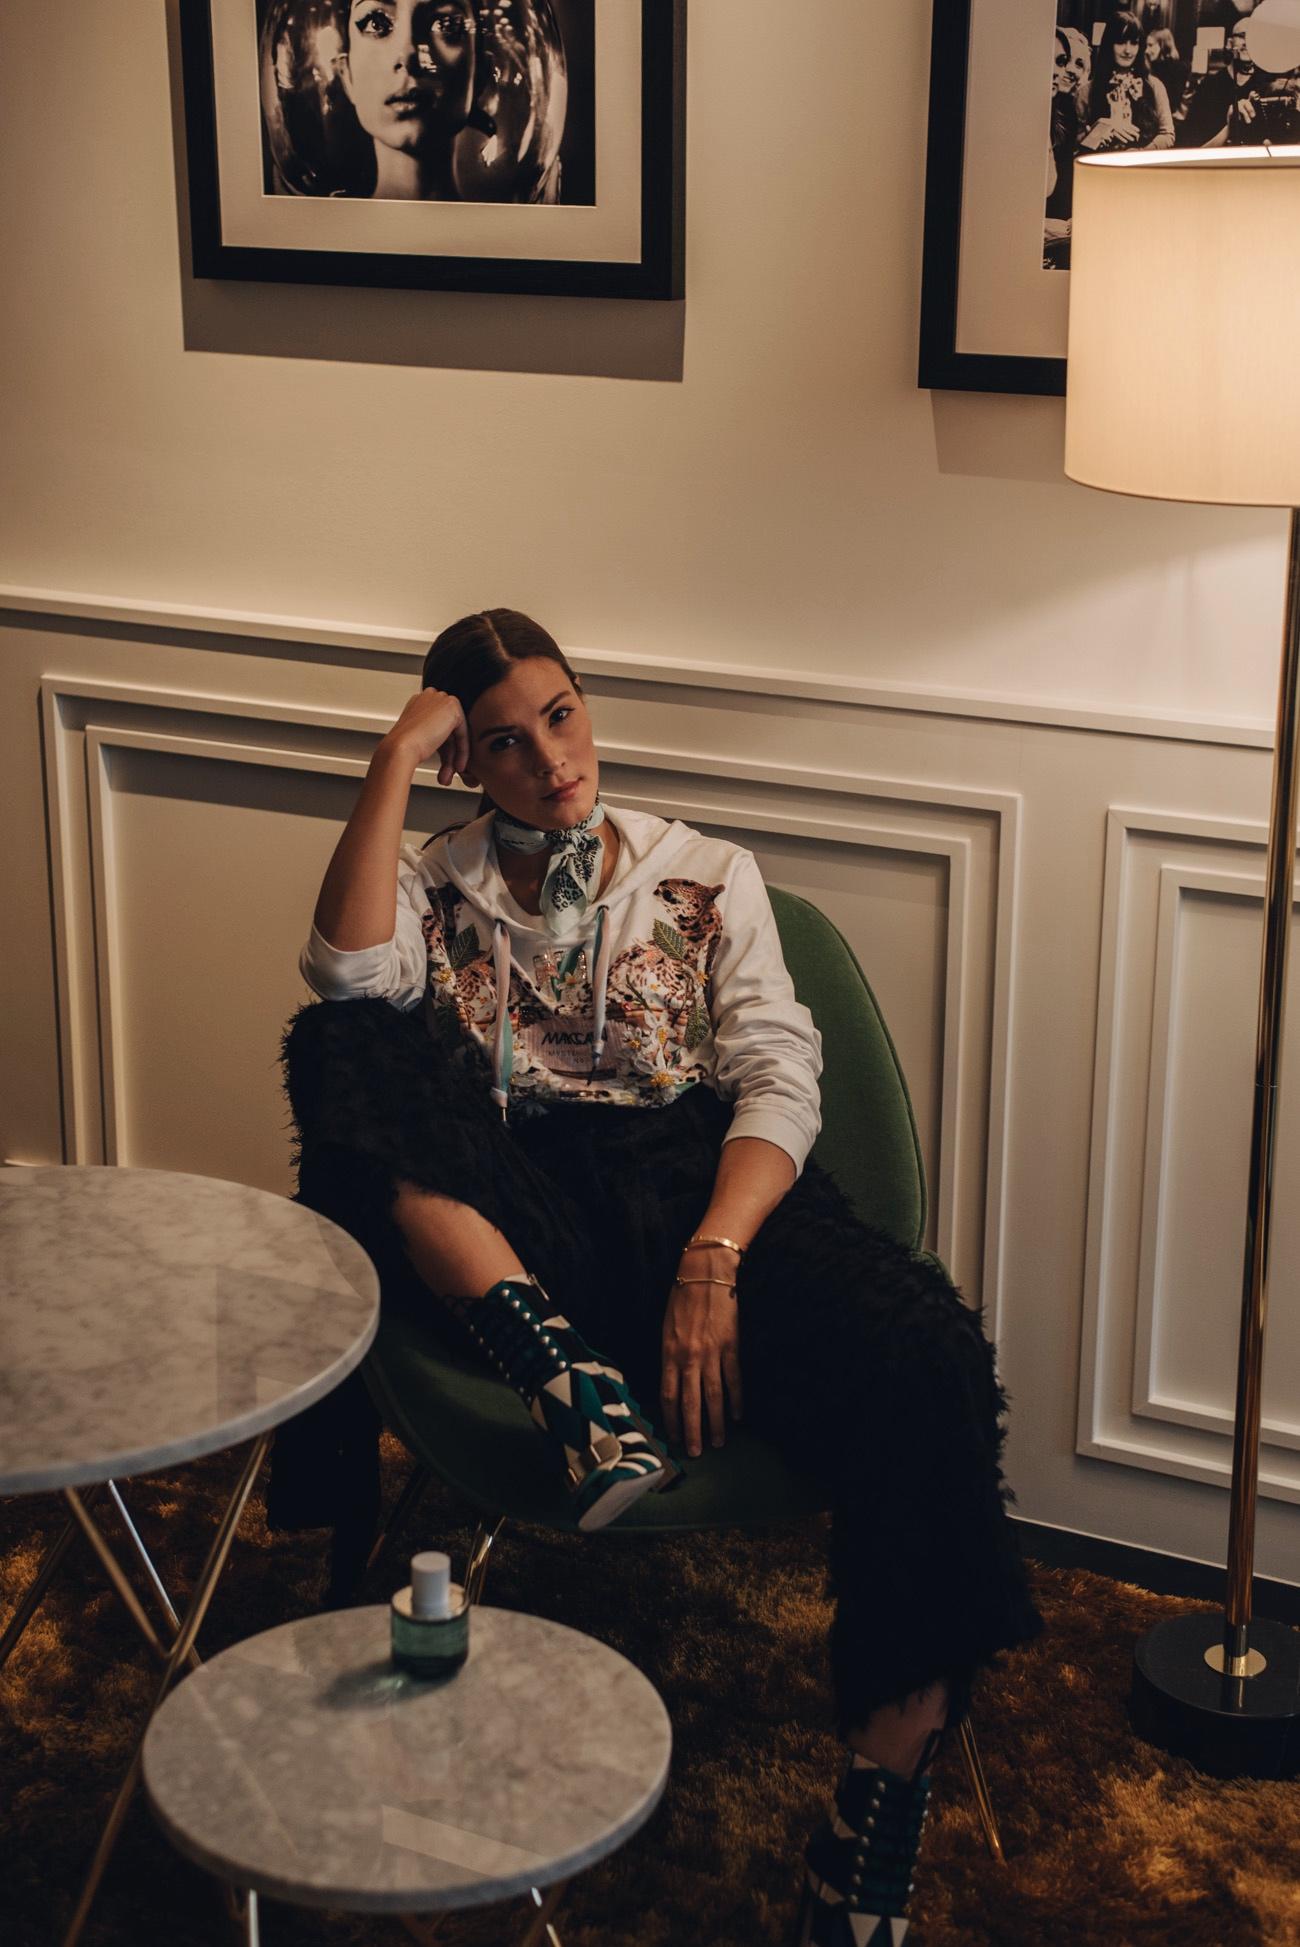 Marc-Cain-Parfum-Linie-Mysteriously-Düfte-NIna-schwichtenberg-modebloggerin-fashion-bloggerin-München-Deutschland-fashiioncarpet